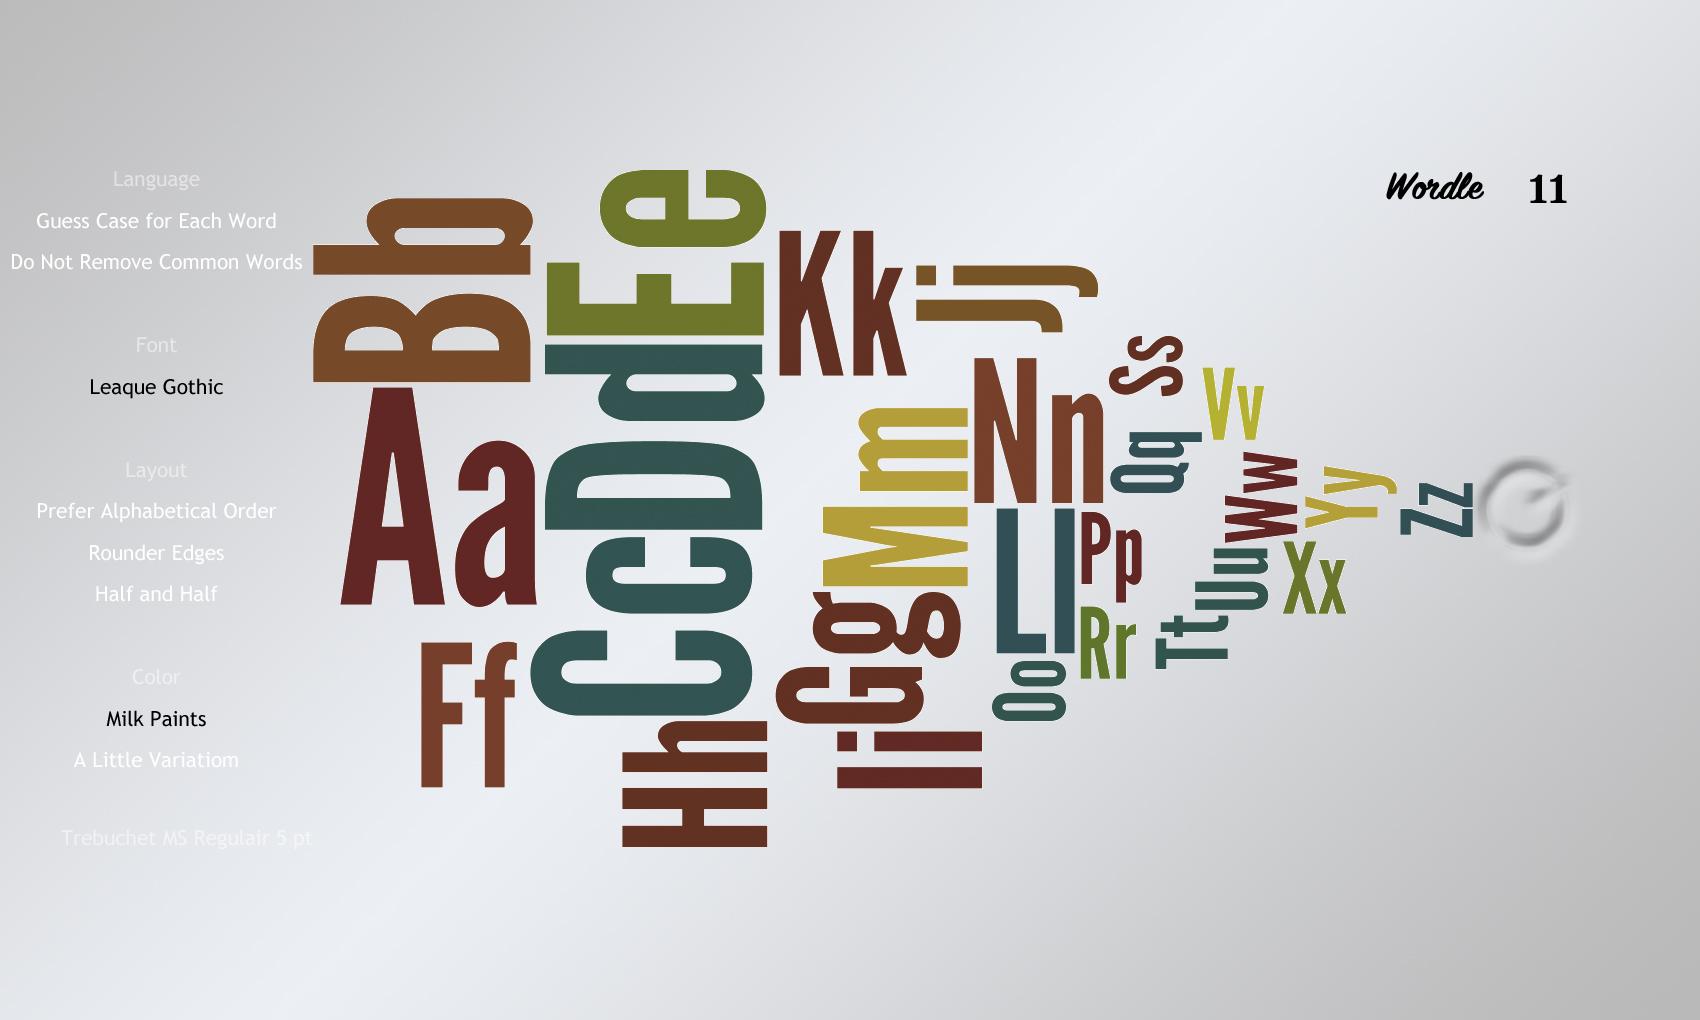 Wordle11 Leaque Gothic